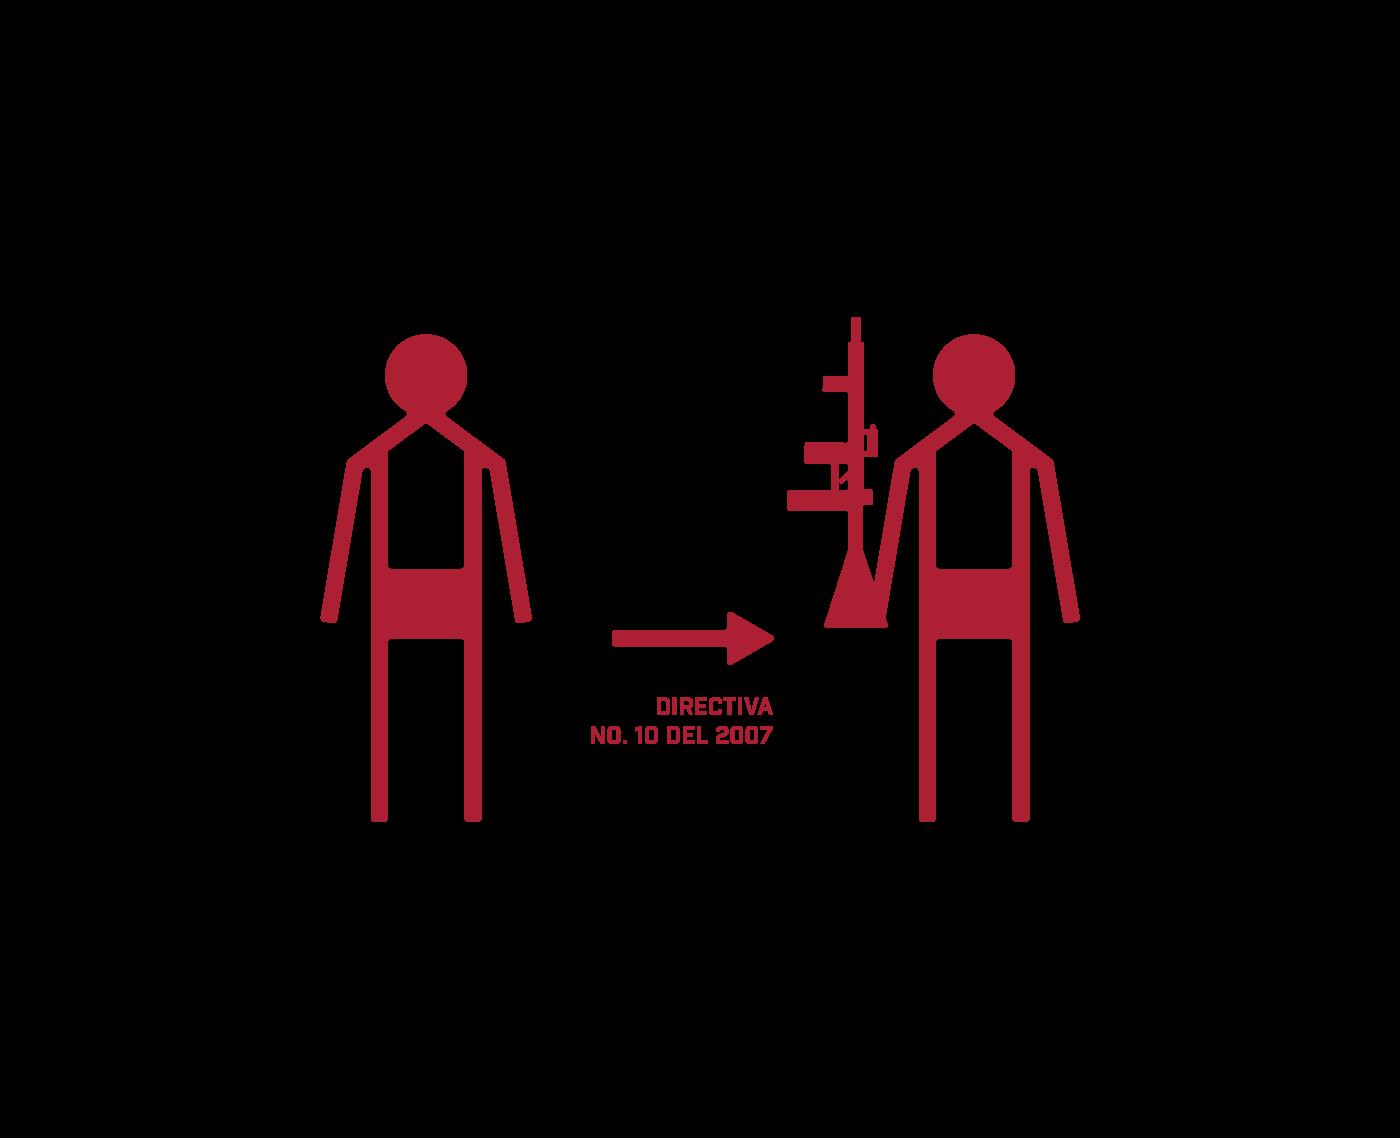 - Por si fuera poco, la directiva No. 300-28 del 2007, no solo relaciona a la población civil con los grupos armados sino que ubica a las denuncias en contra de las ejecuciones extrajudiciales como una estrategia de subversión para cuestionar los resultados obtenidos por la Fuerza Pública.